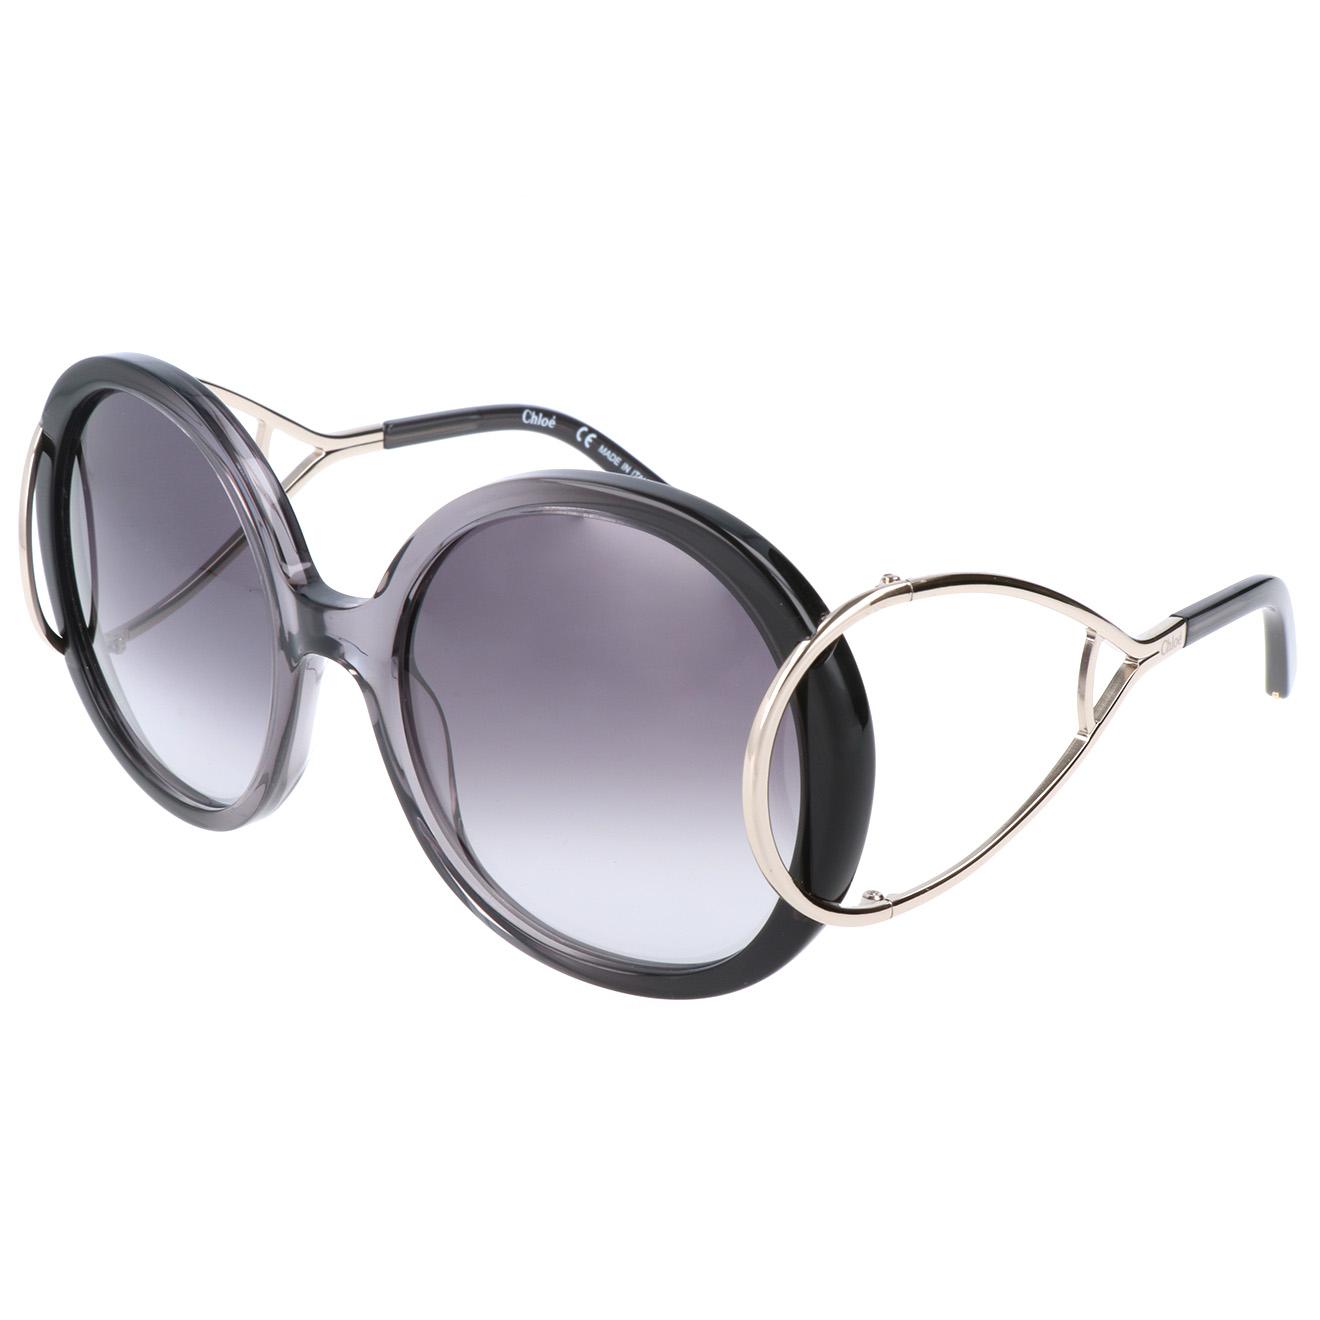 Chloé-femme-lunettes de soleil femme gris...